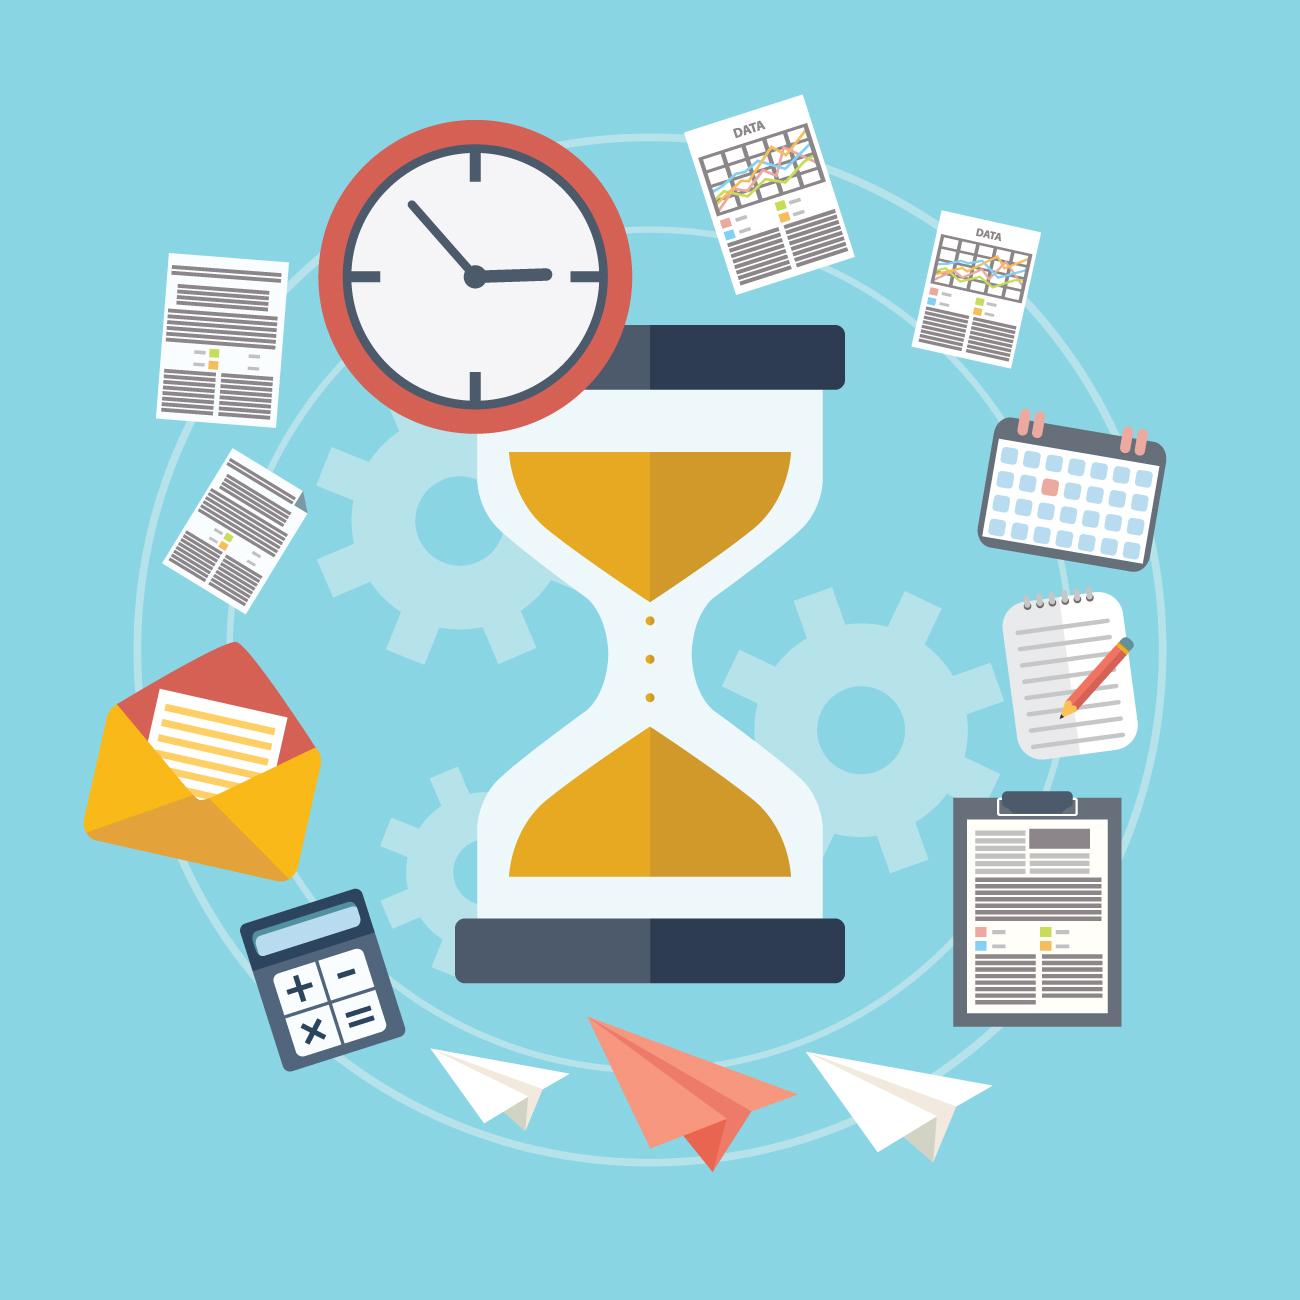 Intégrer-et-synchroniser-les-informations - The WIW - Solutions pour l\'industrie 4.0